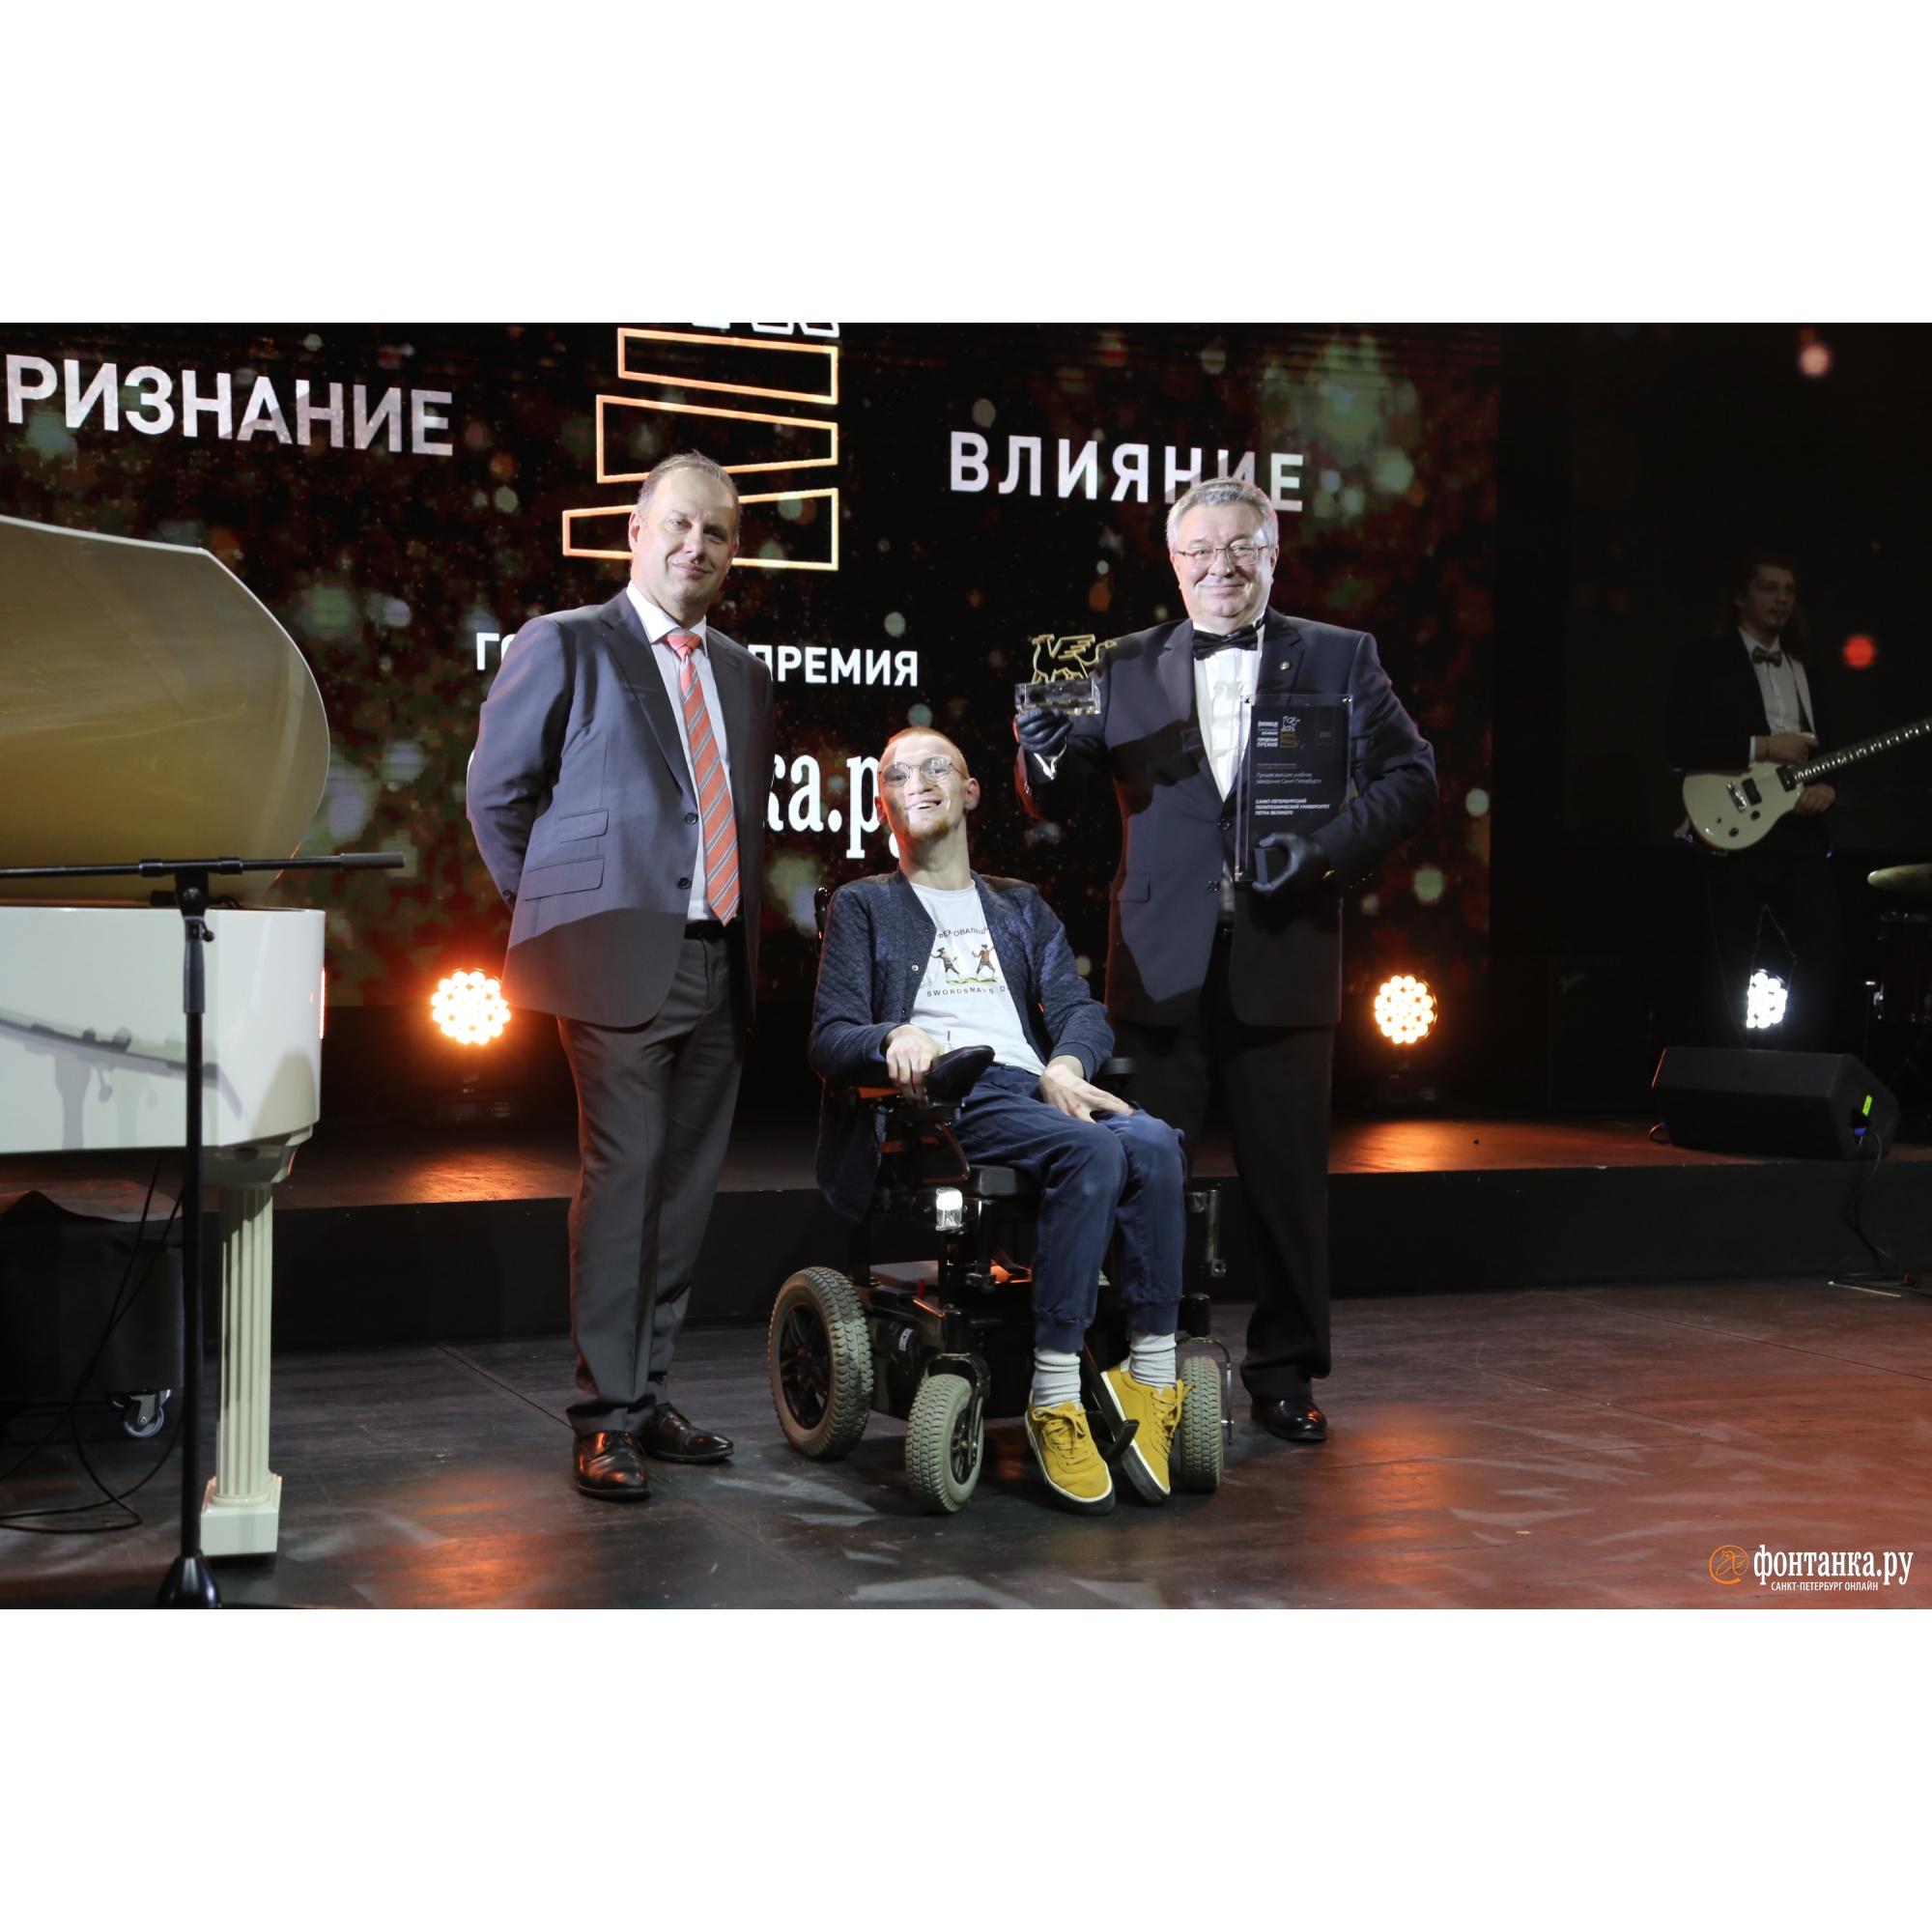 Александр Конышков, управляющий филиалом в Санкт-Петербурге АО «СМП Банк»,Иван Бакаидов и Андрей Рудской